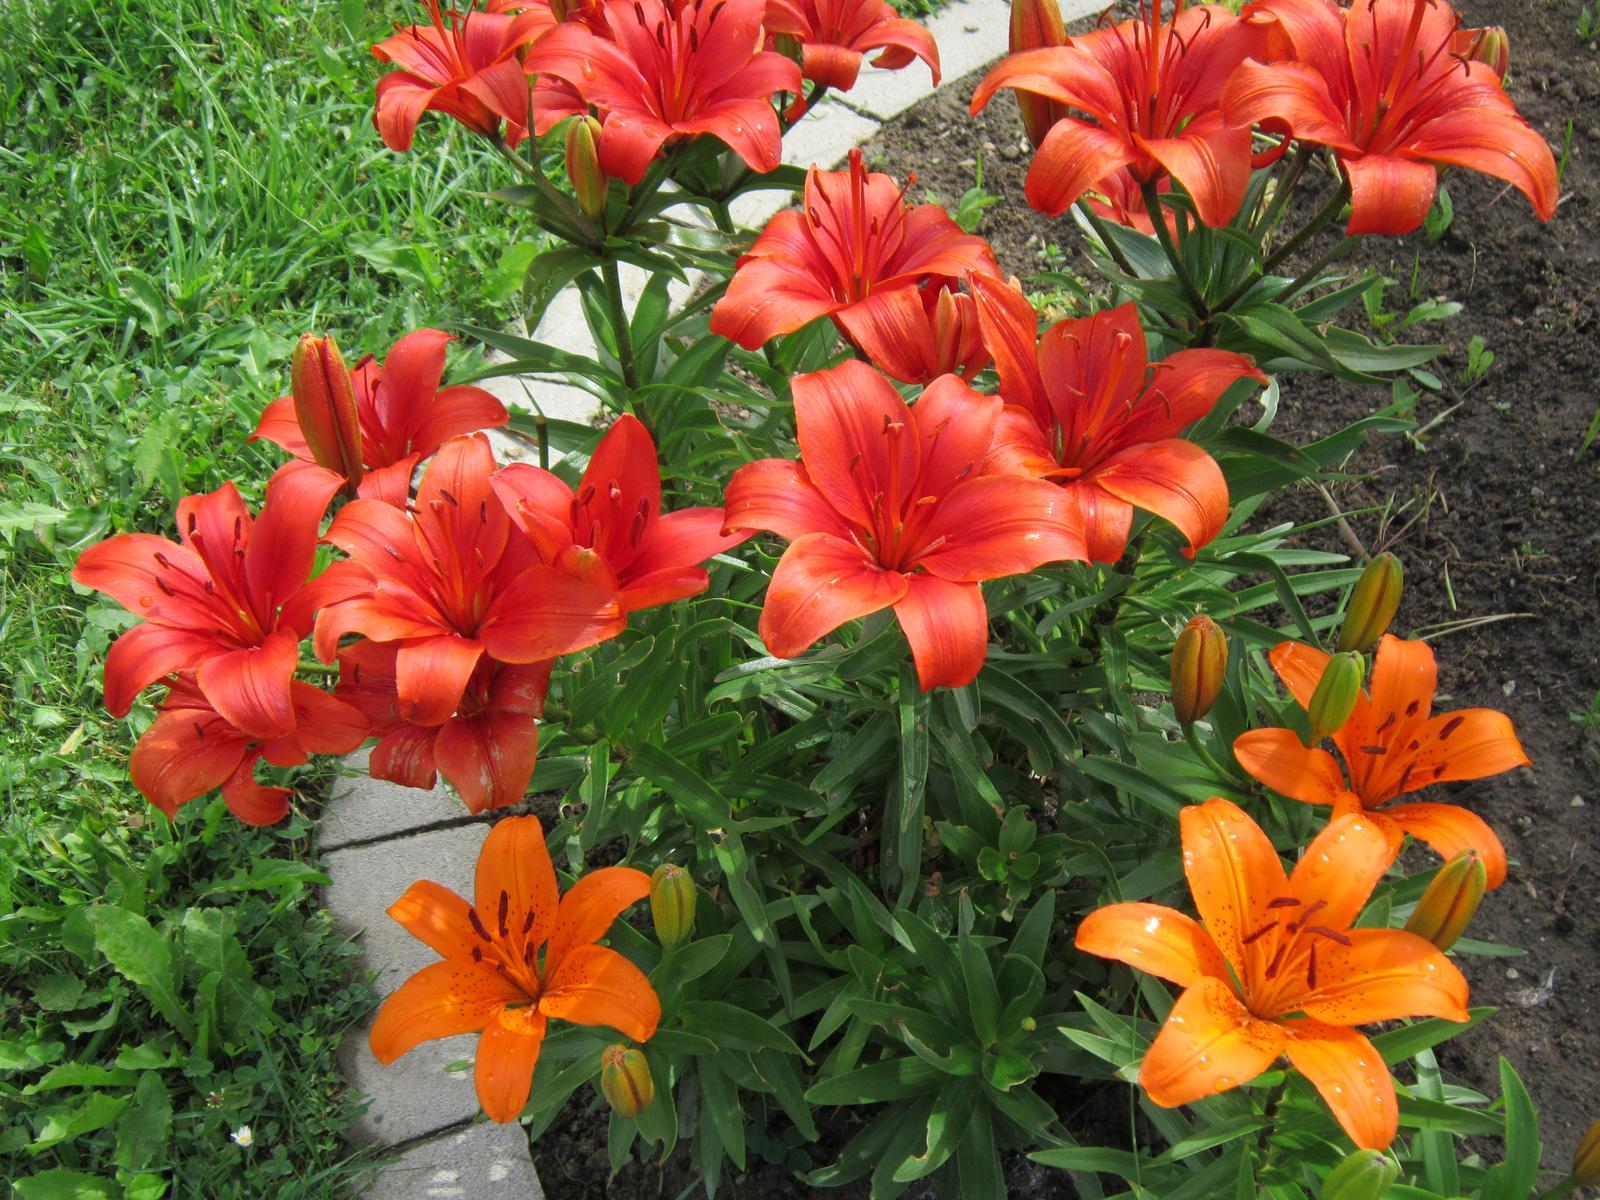 Moja záhrada...ako šiel čas - Obrázok č. 102